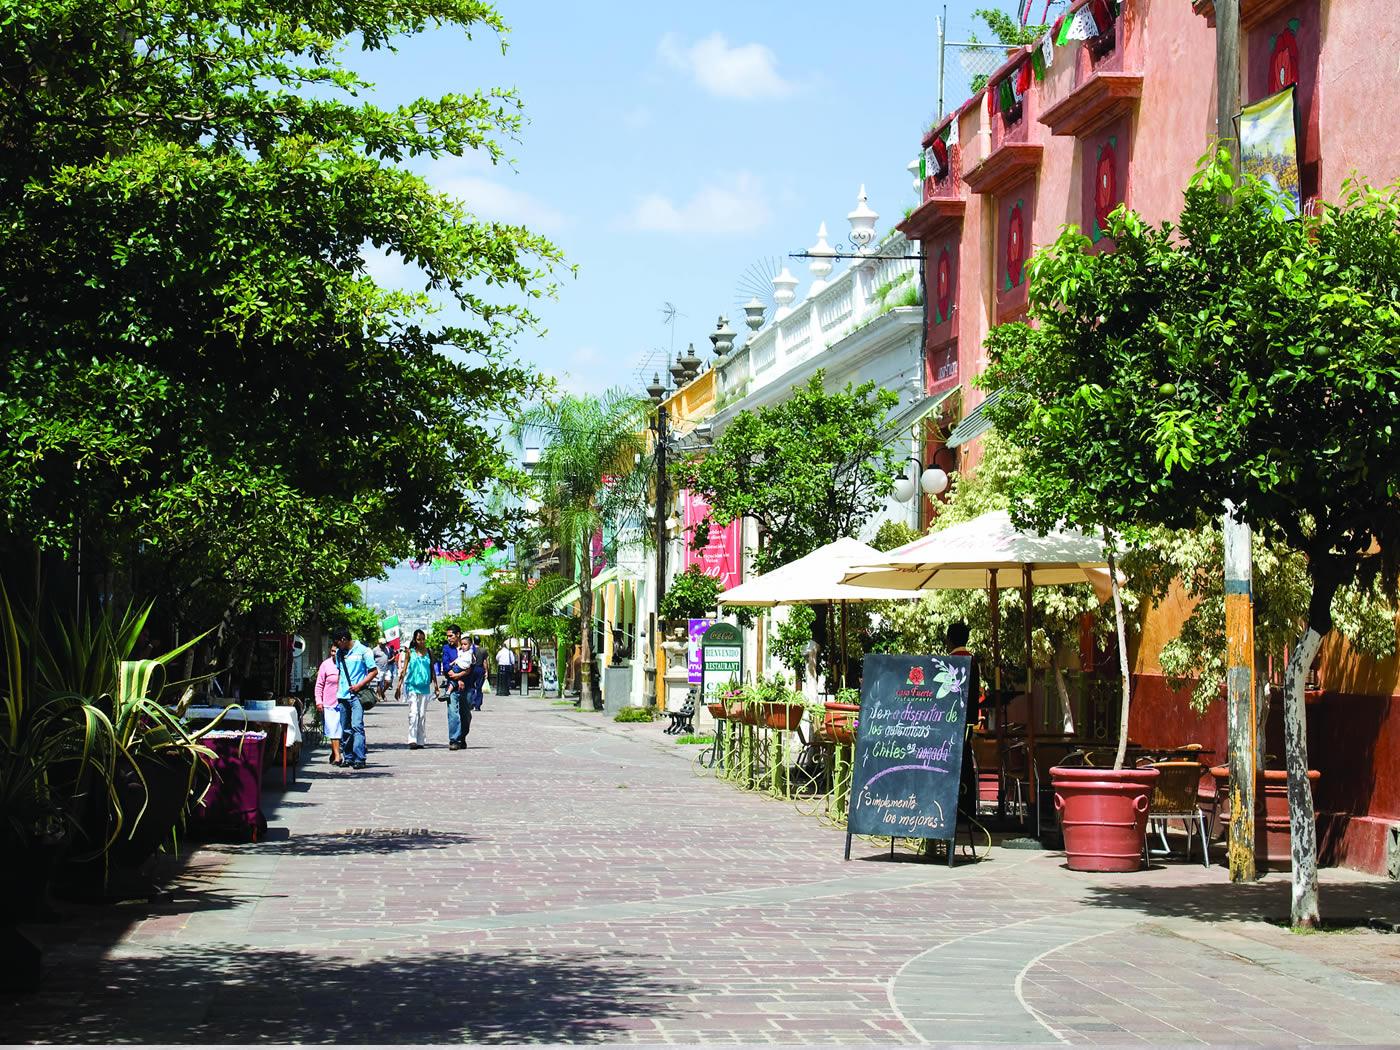 Guadalajara atractivos turisticos de mexico for En zacatecas hay playa